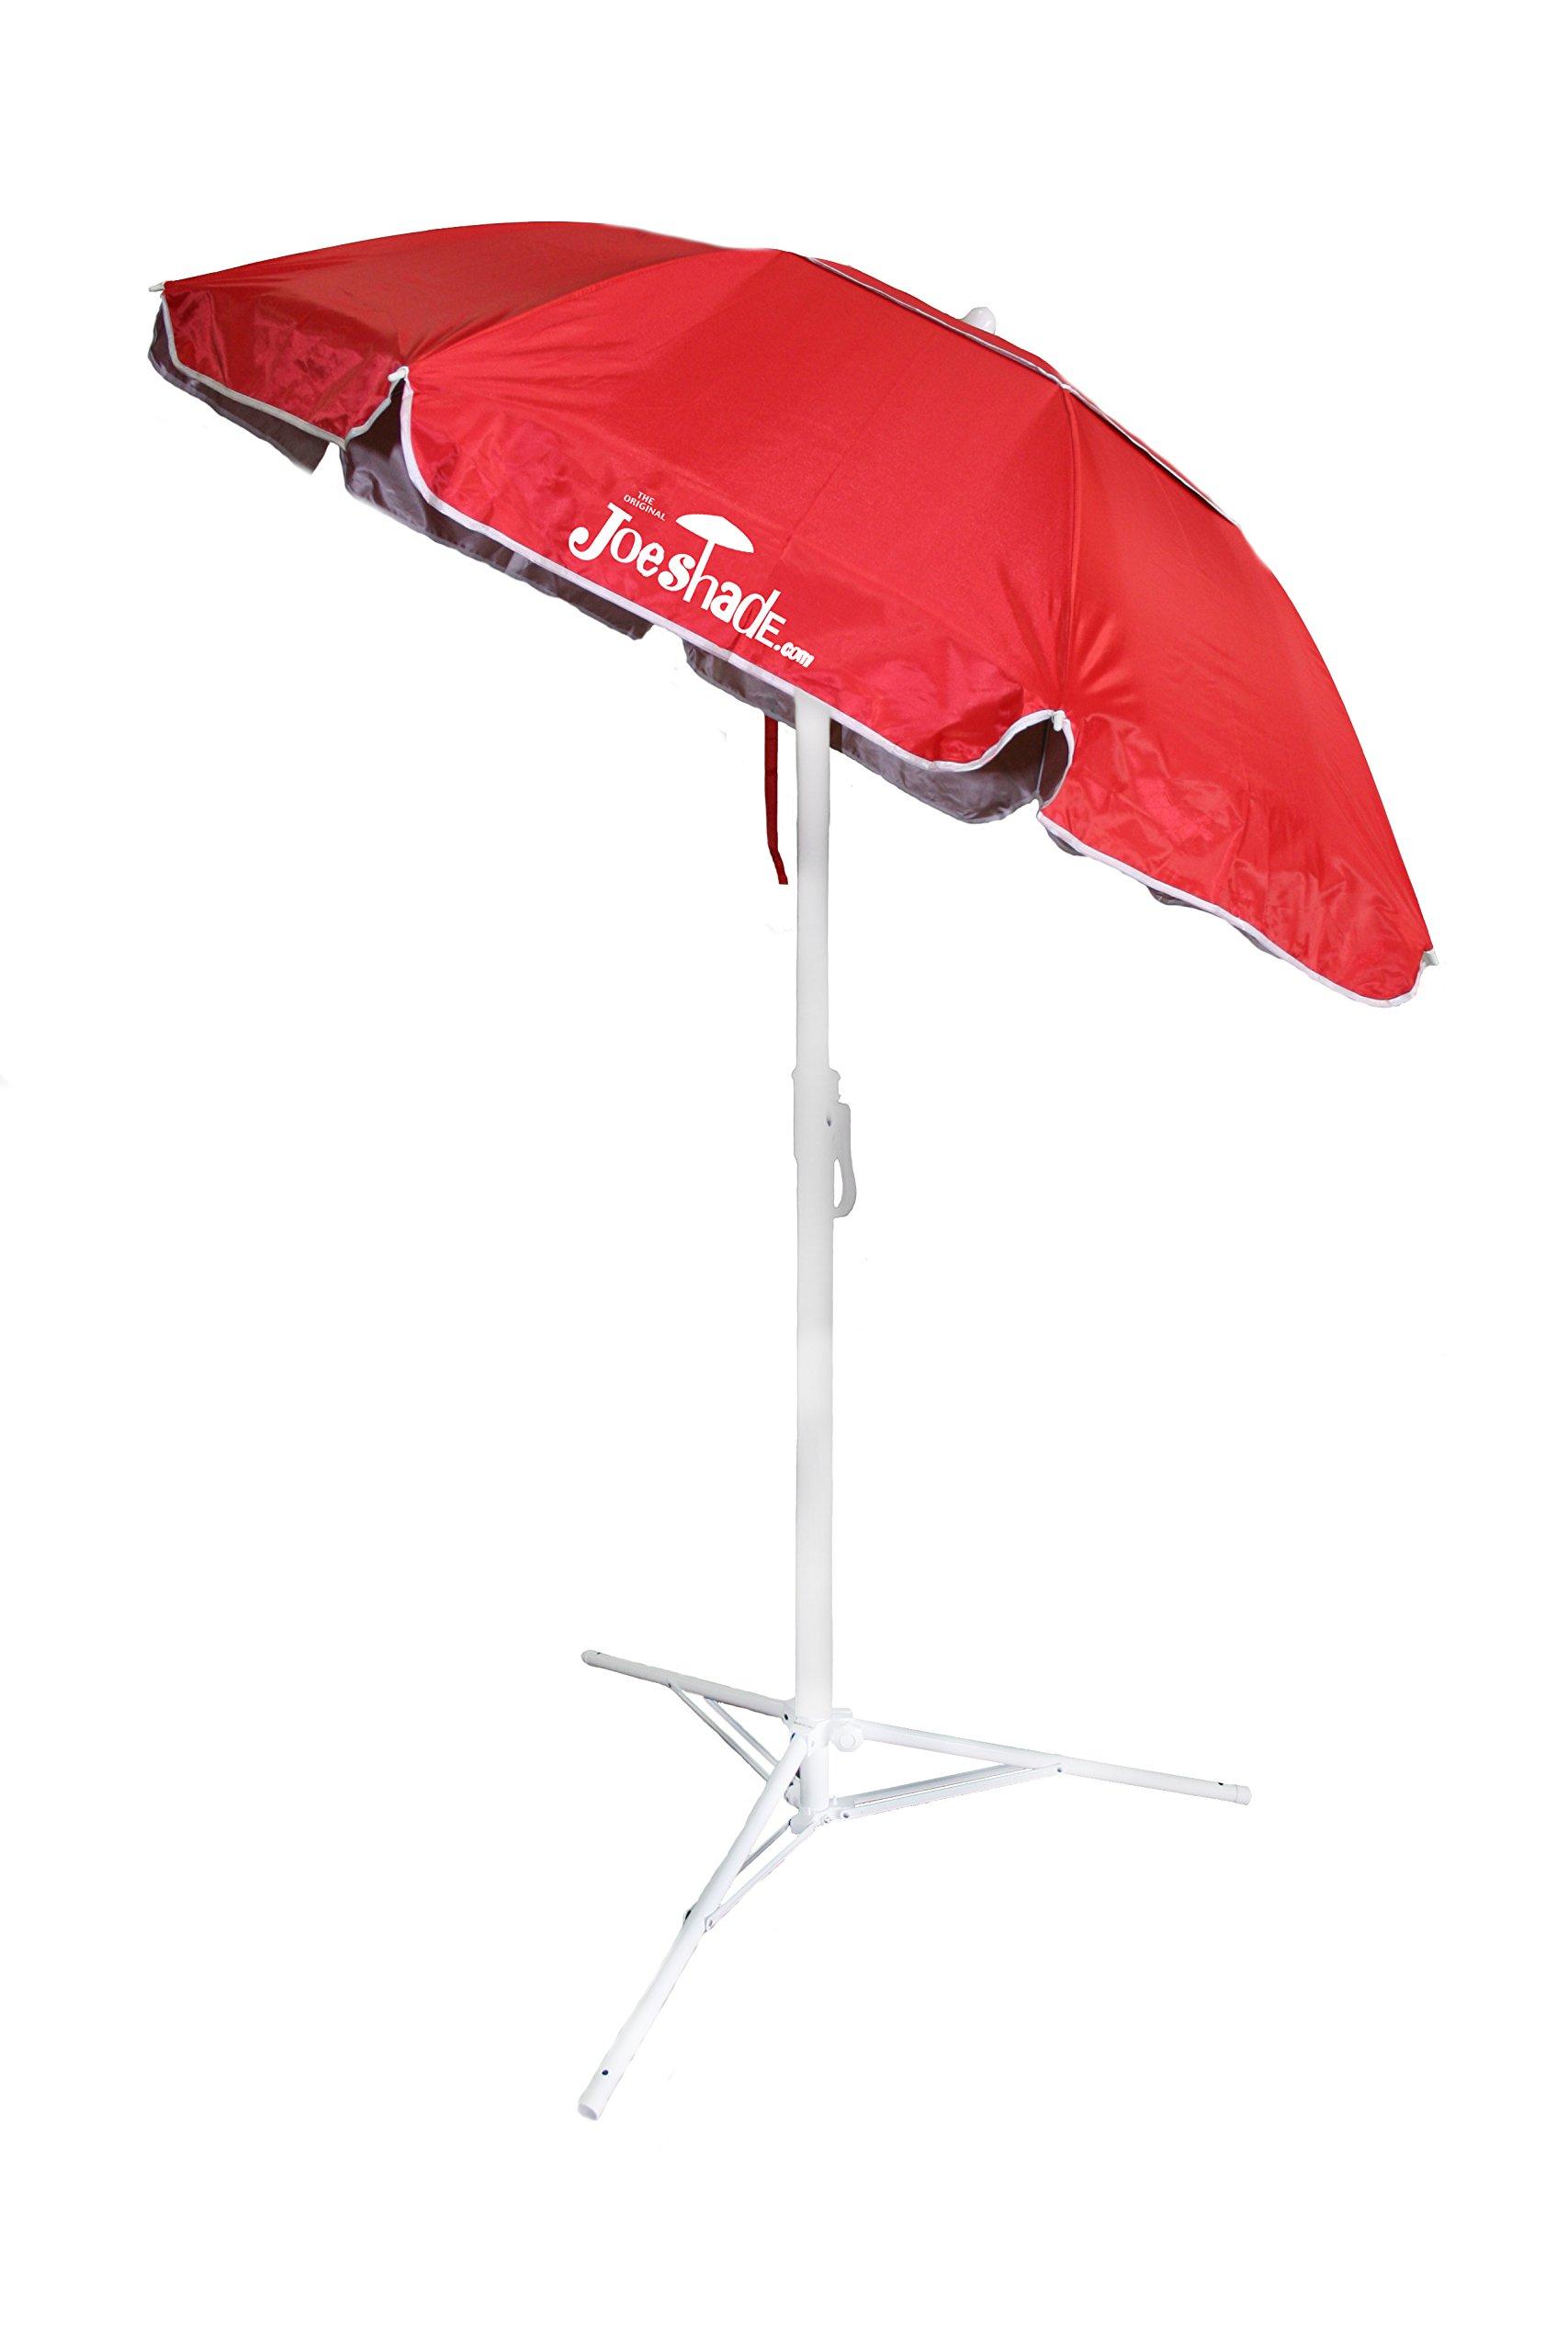 JoeShade, Portable Sun Shade Umbrella, Sunshade Umbrella, Sports Umbrella, RED by JoeShade, The Original Portable Sun Shade Umbrella